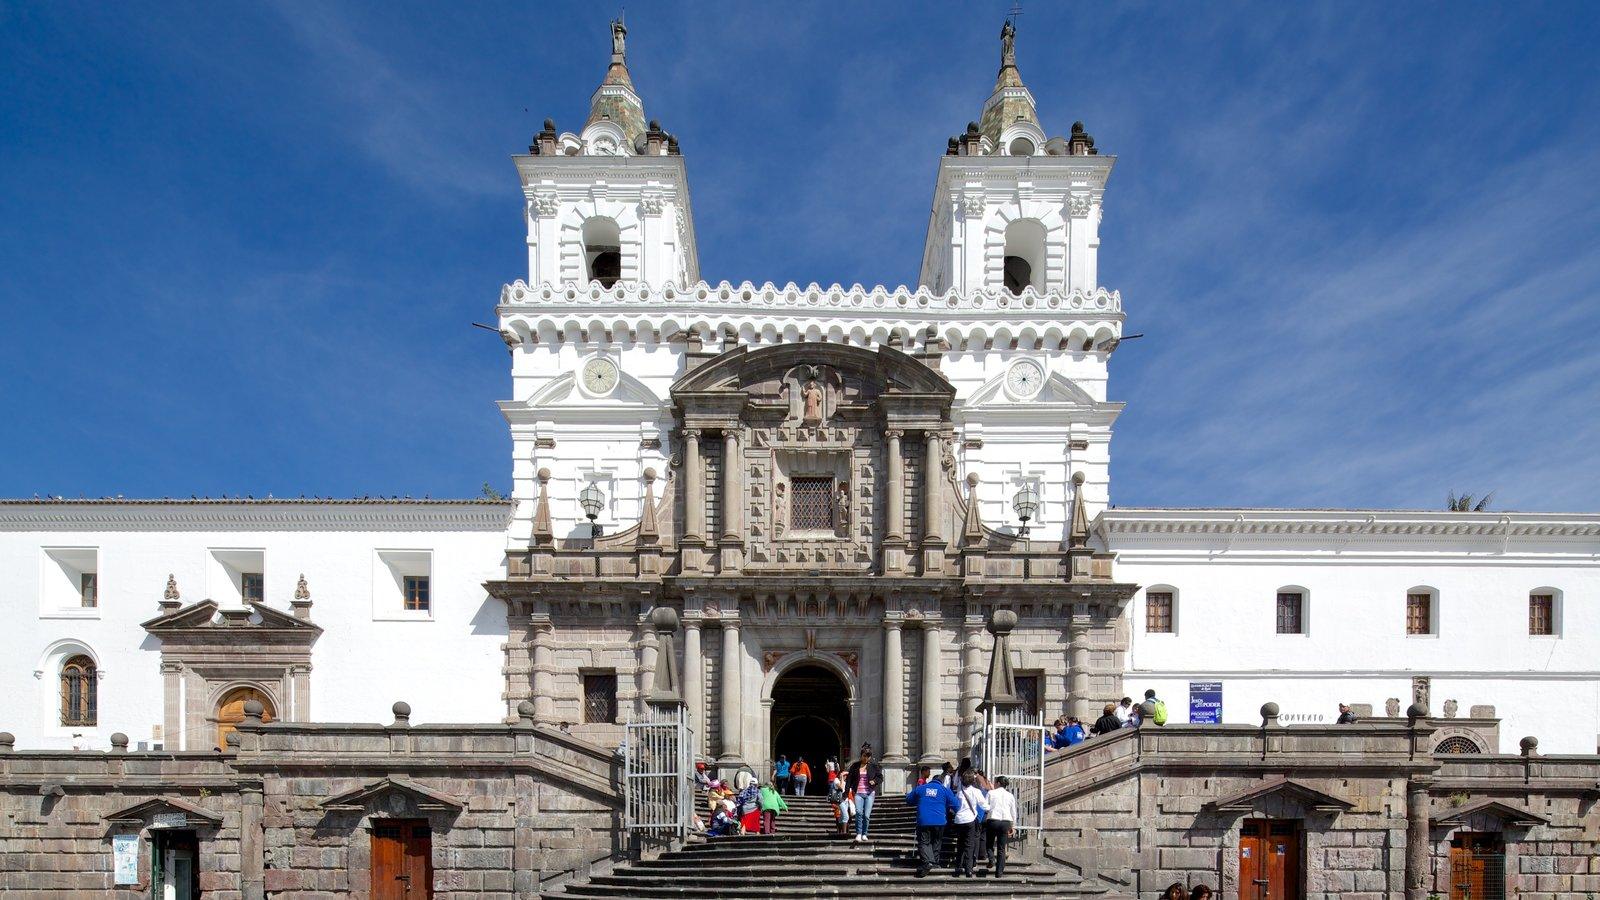 San Francisco Church mostrando uma igreja ou catedral e cenas de rua